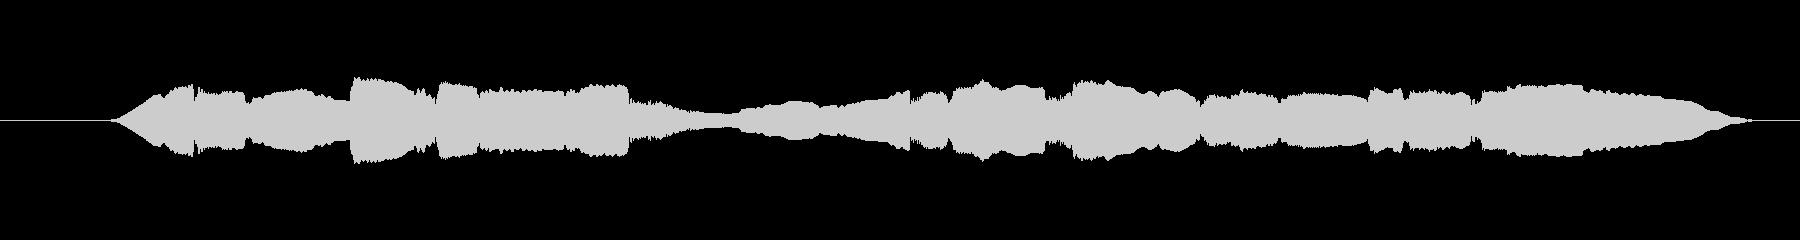 素材 オカリナランダムネスショート01の未再生の波形